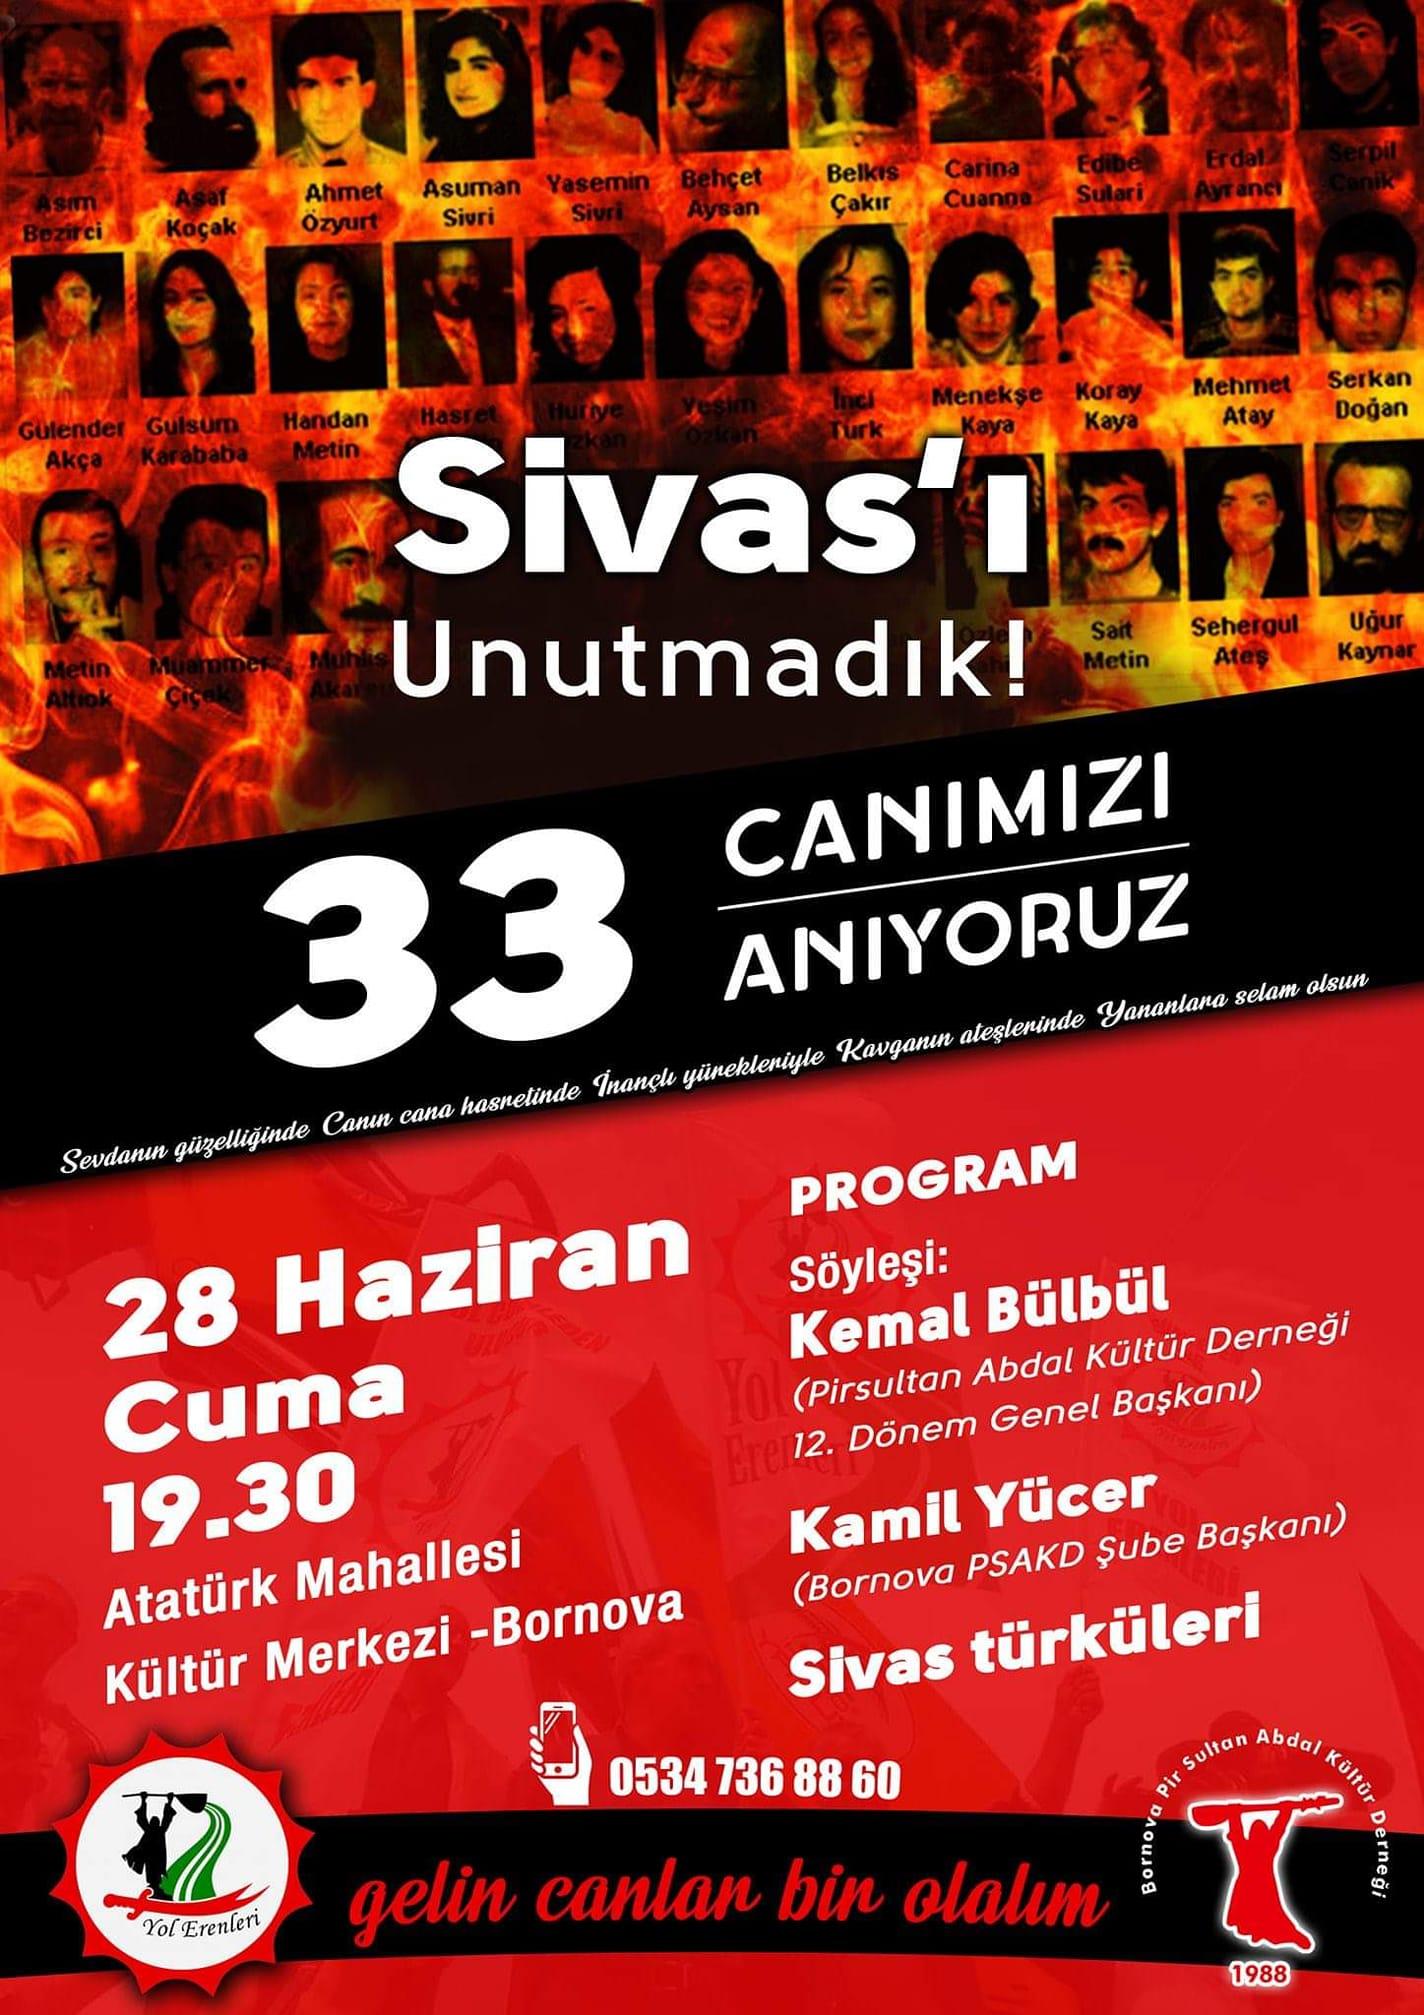 İZMİR / BORNOVA'DA 33 CANIMIZI ANIYORUZ!